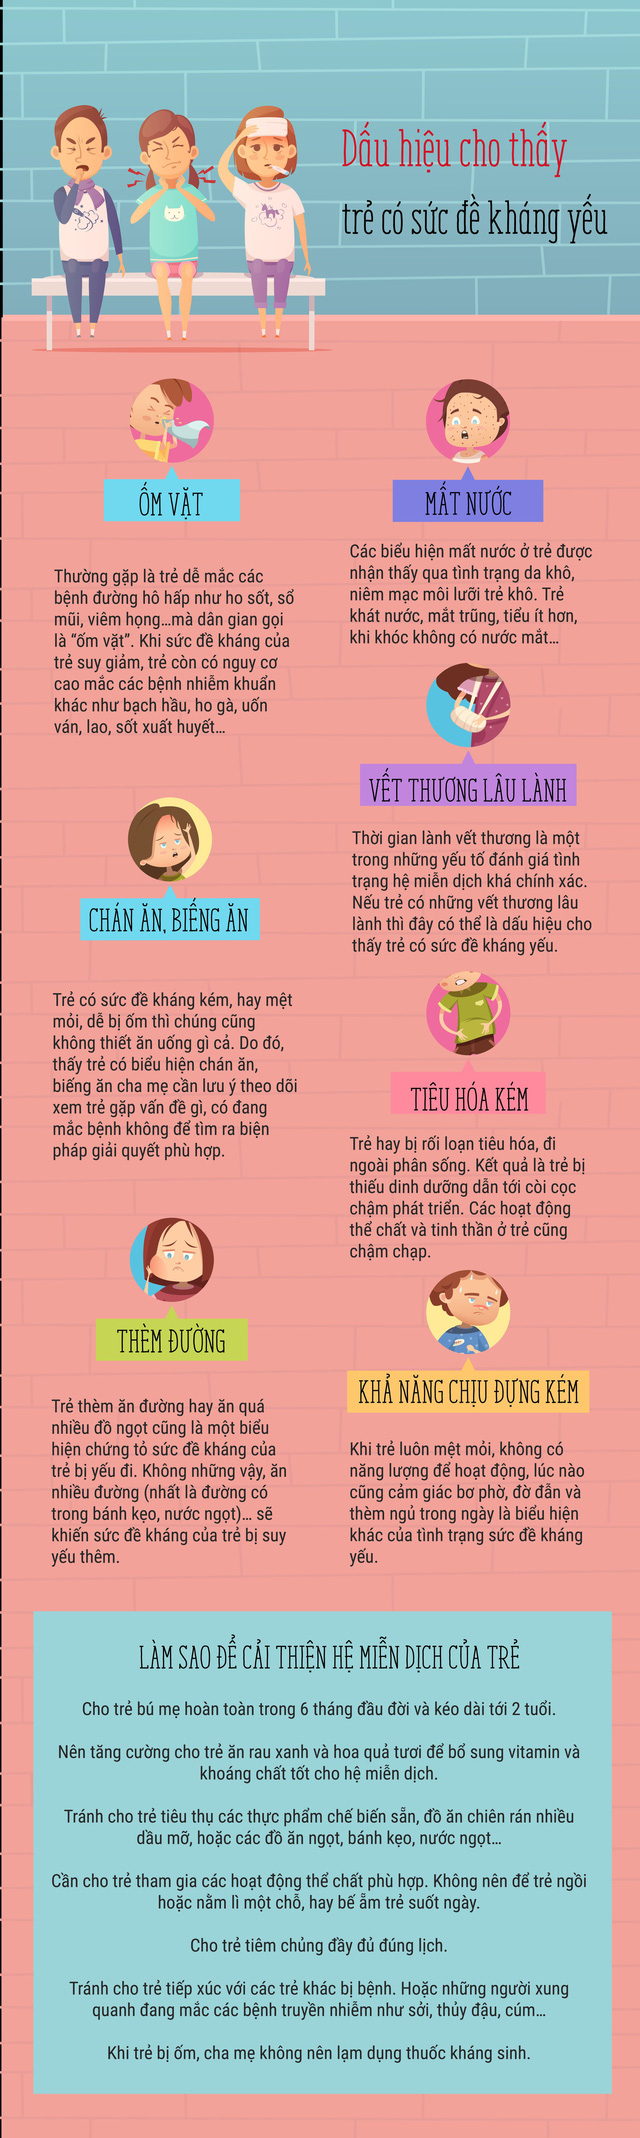 [Infographic] Những dấu hiệu cho thấy trẻ có sức đề kháng yếu - Ảnh 1.